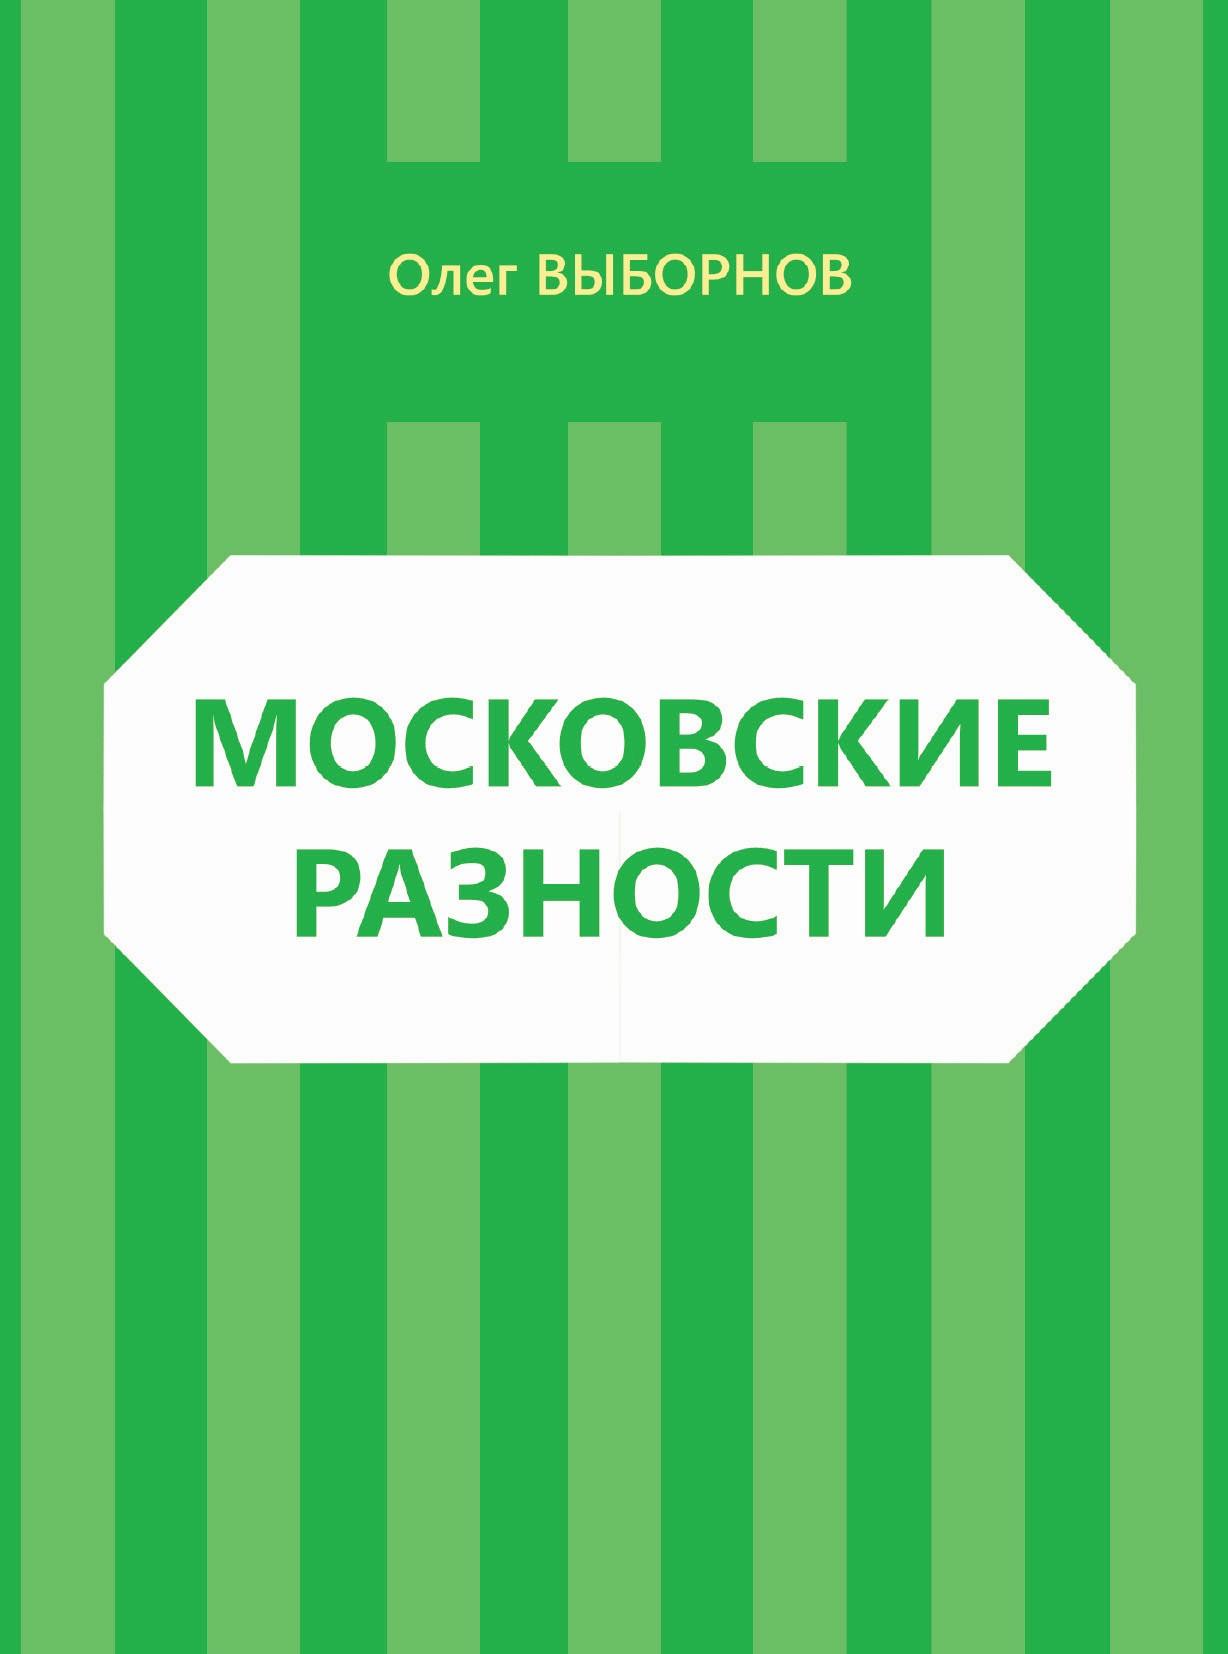 Олег Выборнов Московские разности (сборник)